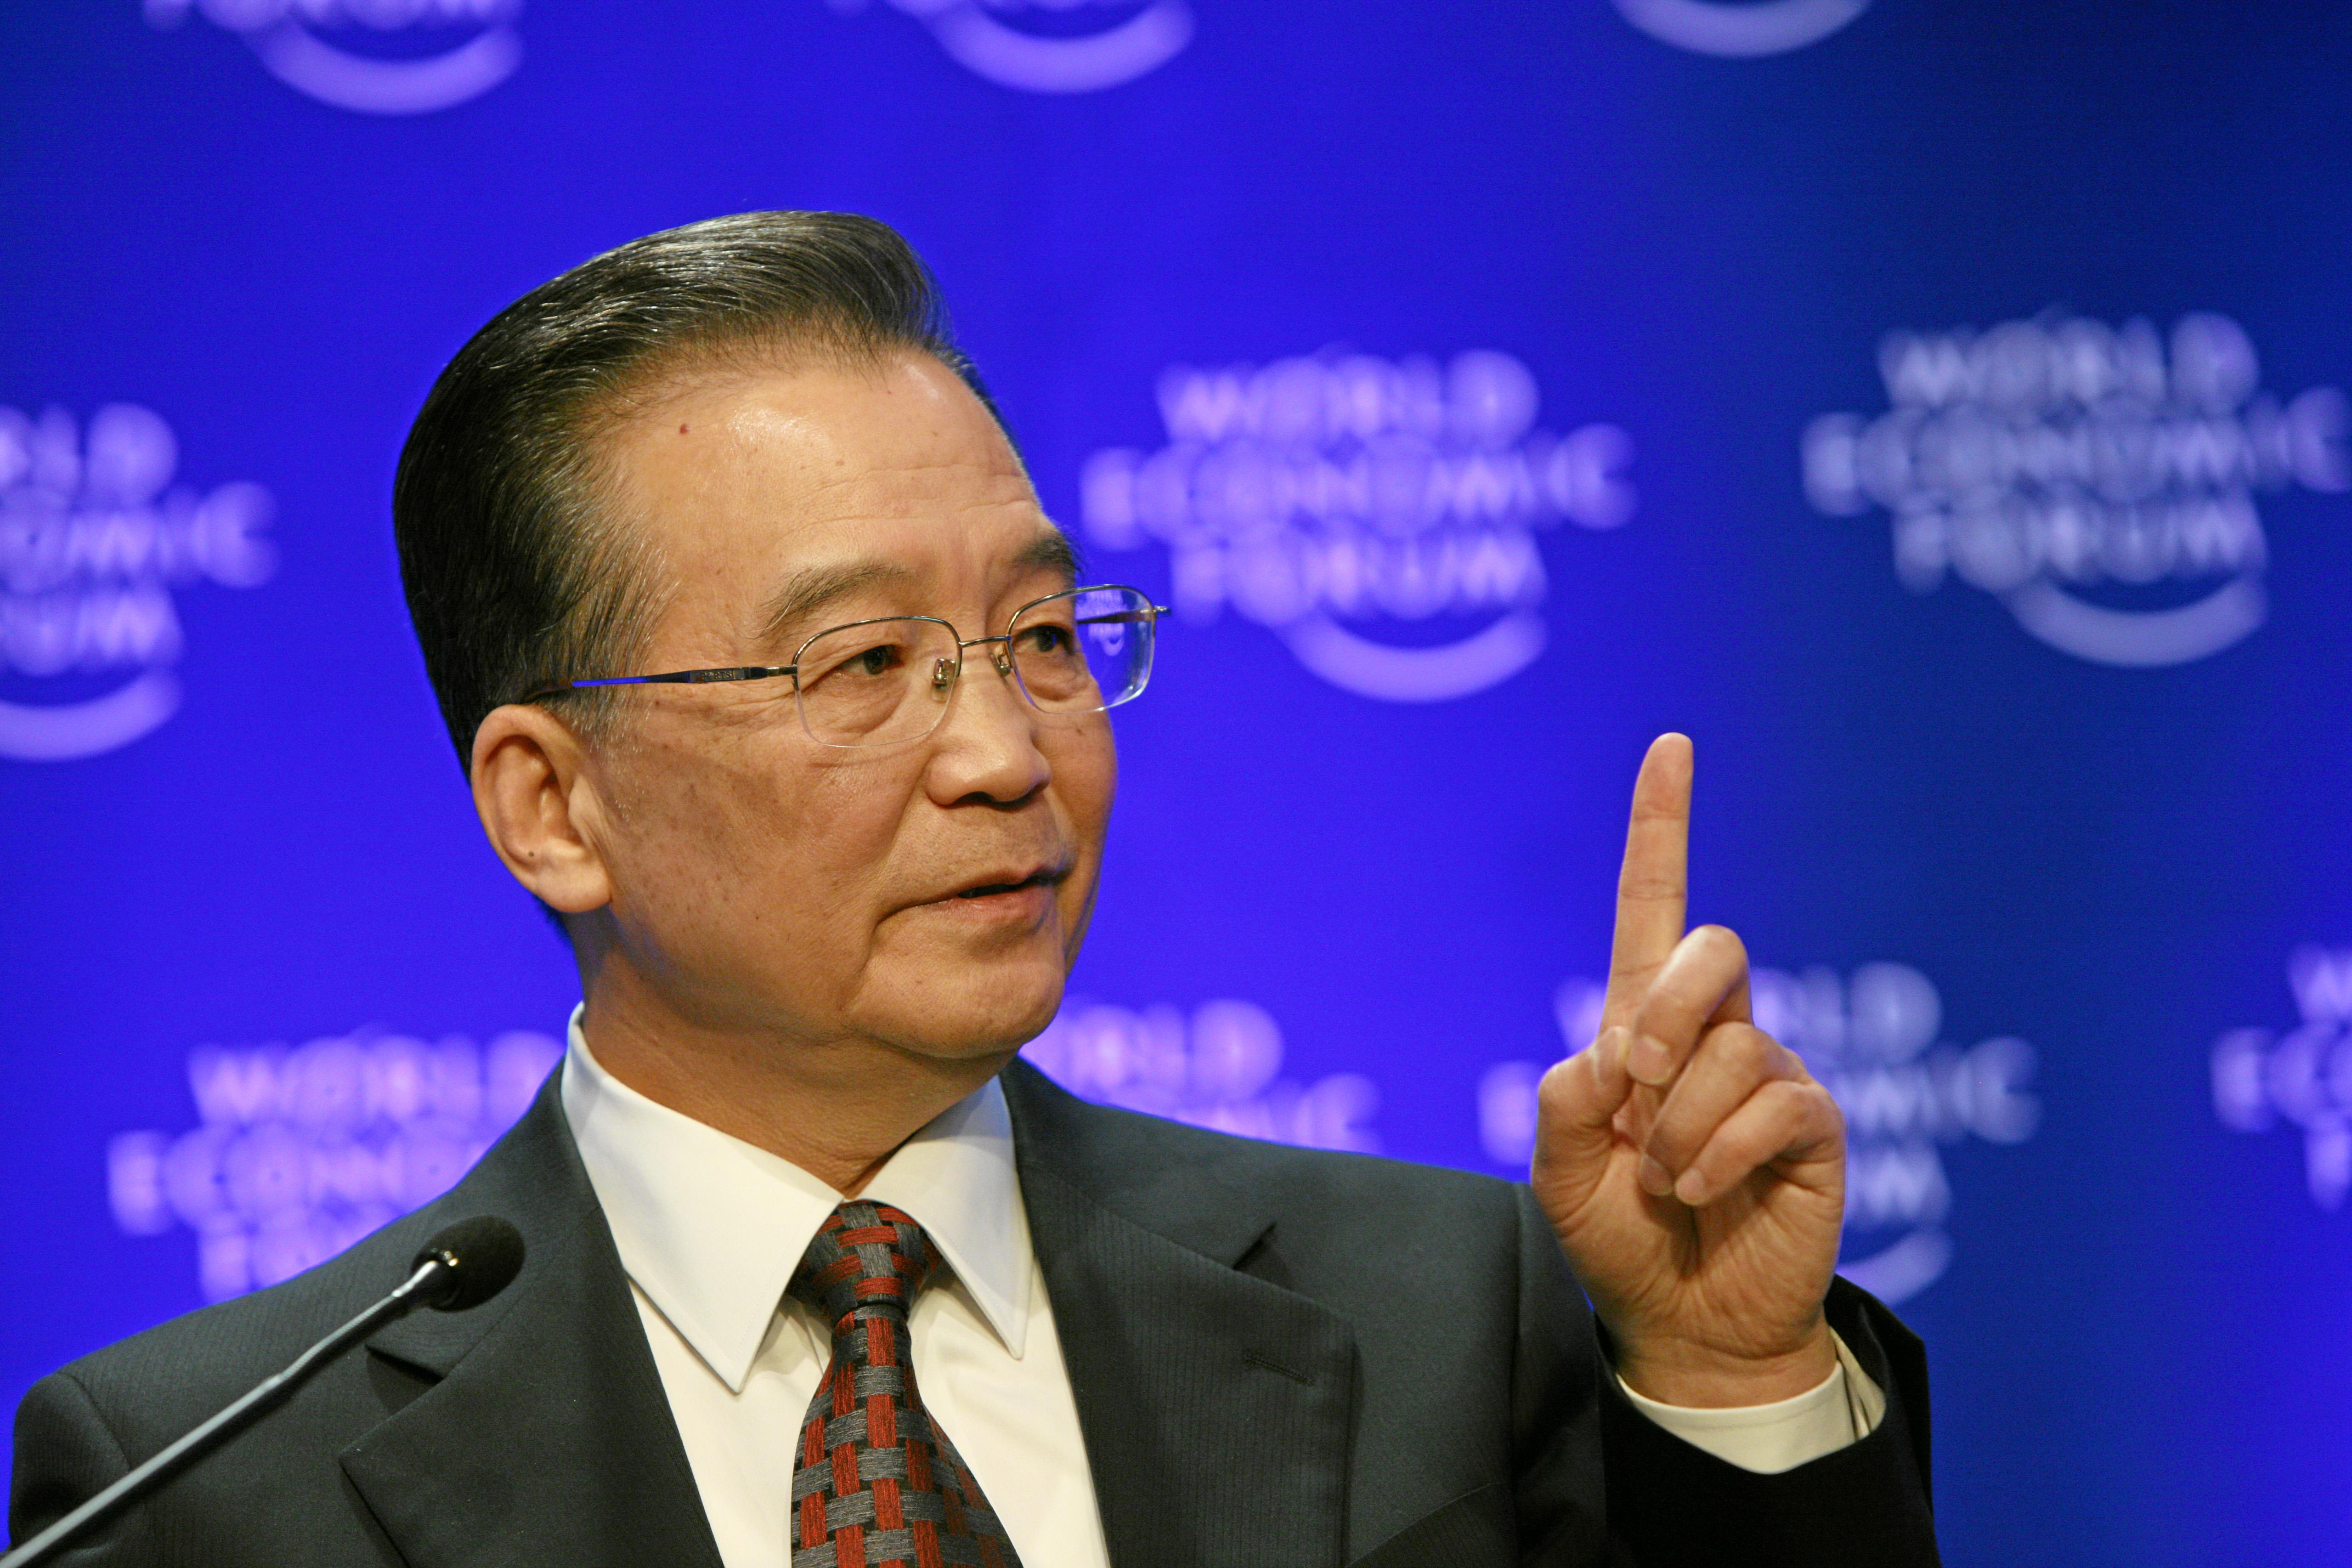 Premierul Chinei: Băncile fac profit prea uşor. Un număr mic de bănci-gigant deţin monopolul